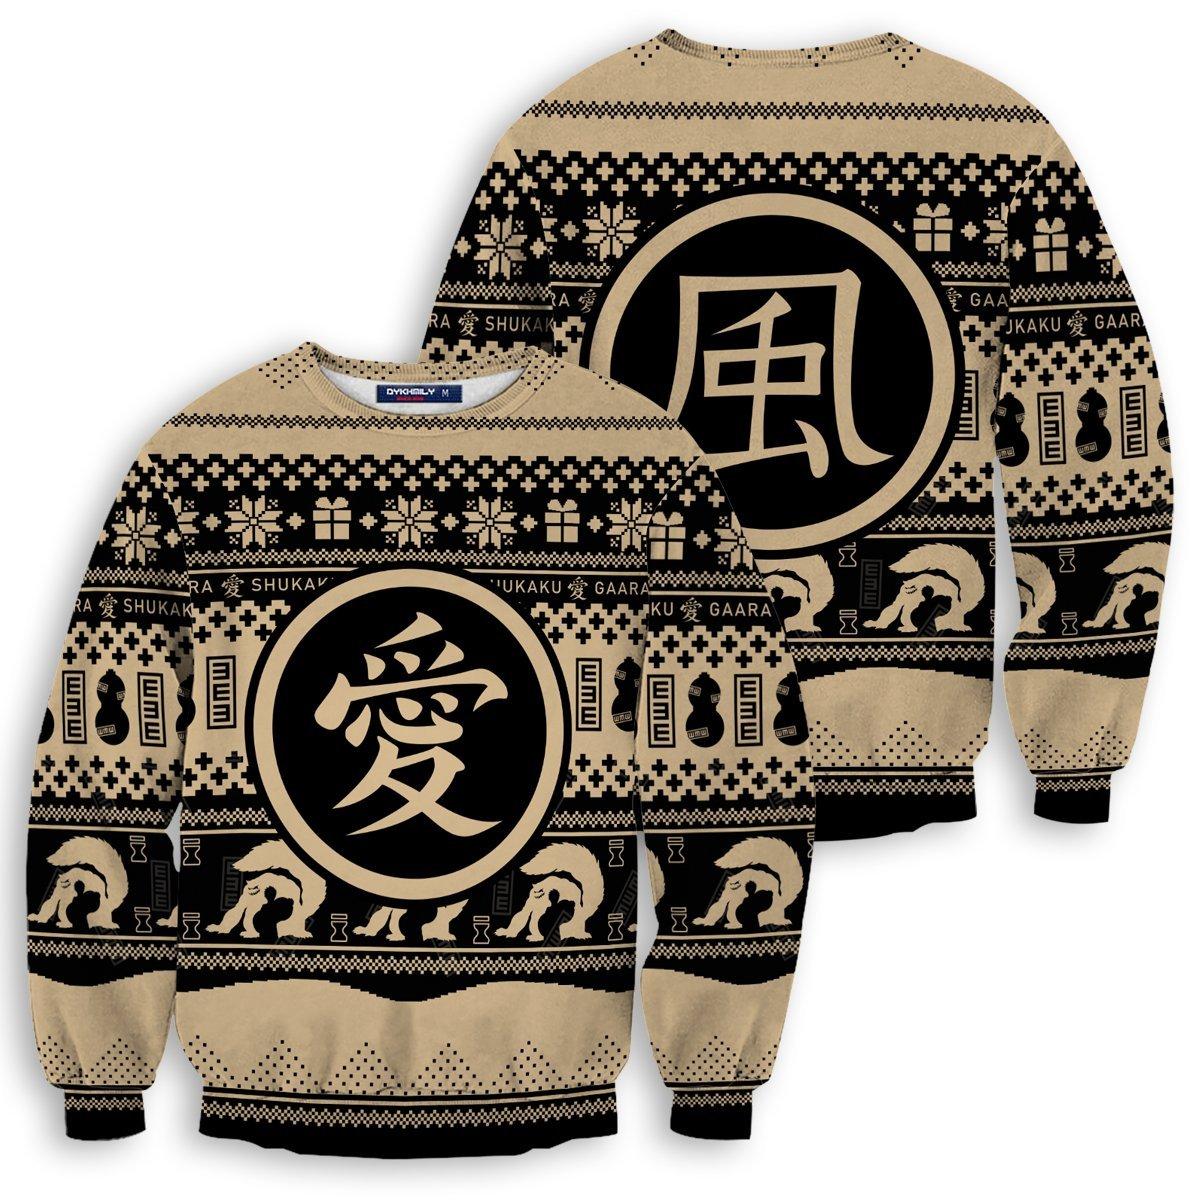 Gaara Sand Unisex Wool Sweater FDM0310 S Official Otaku Treat Merch